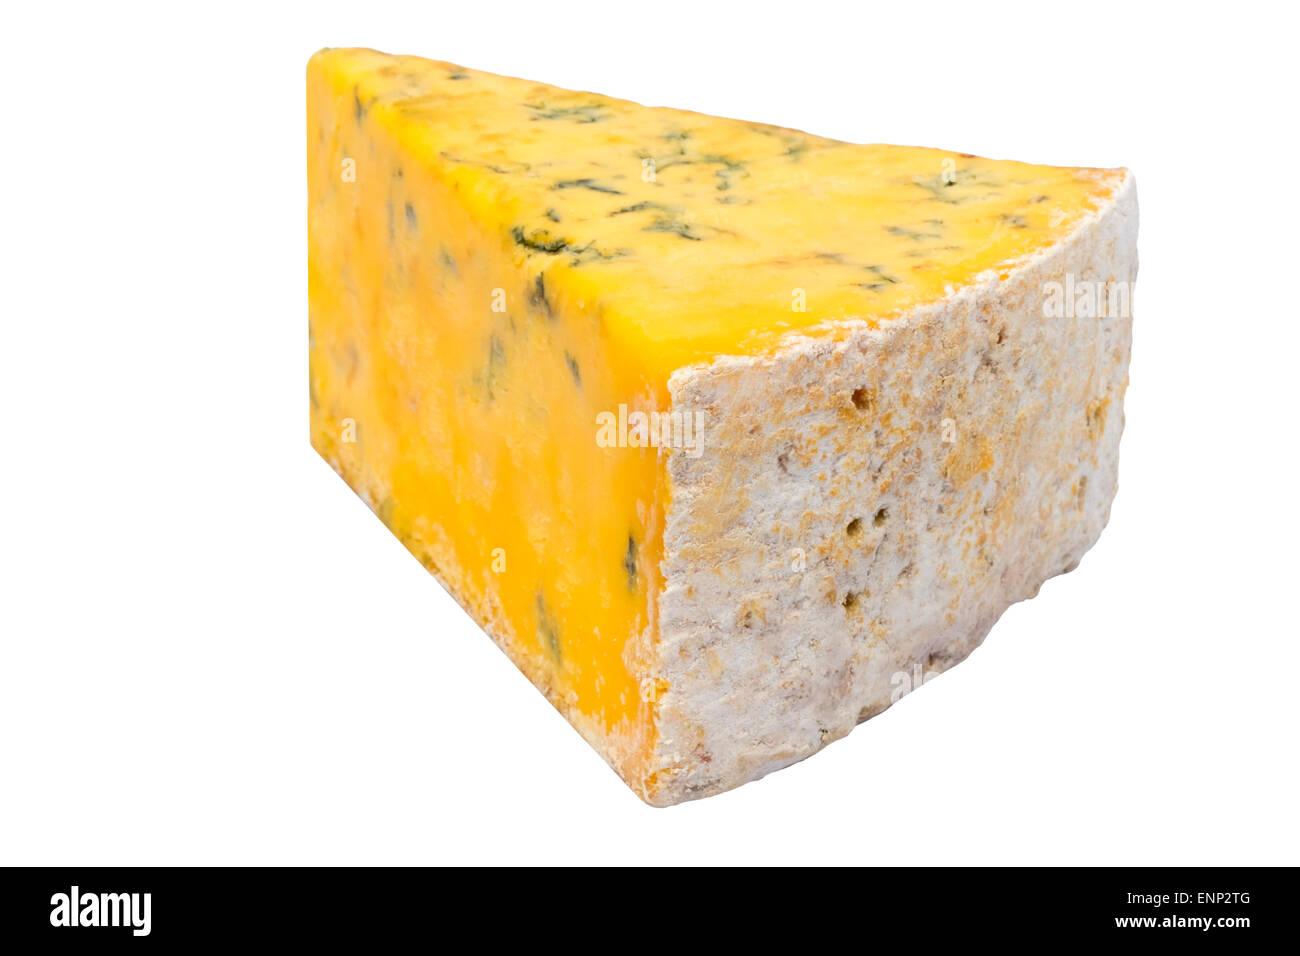 Le Shropshire fromage bleu coupé ou isolé sur un fond blanc, au Royaume-Uni. Photo Stock